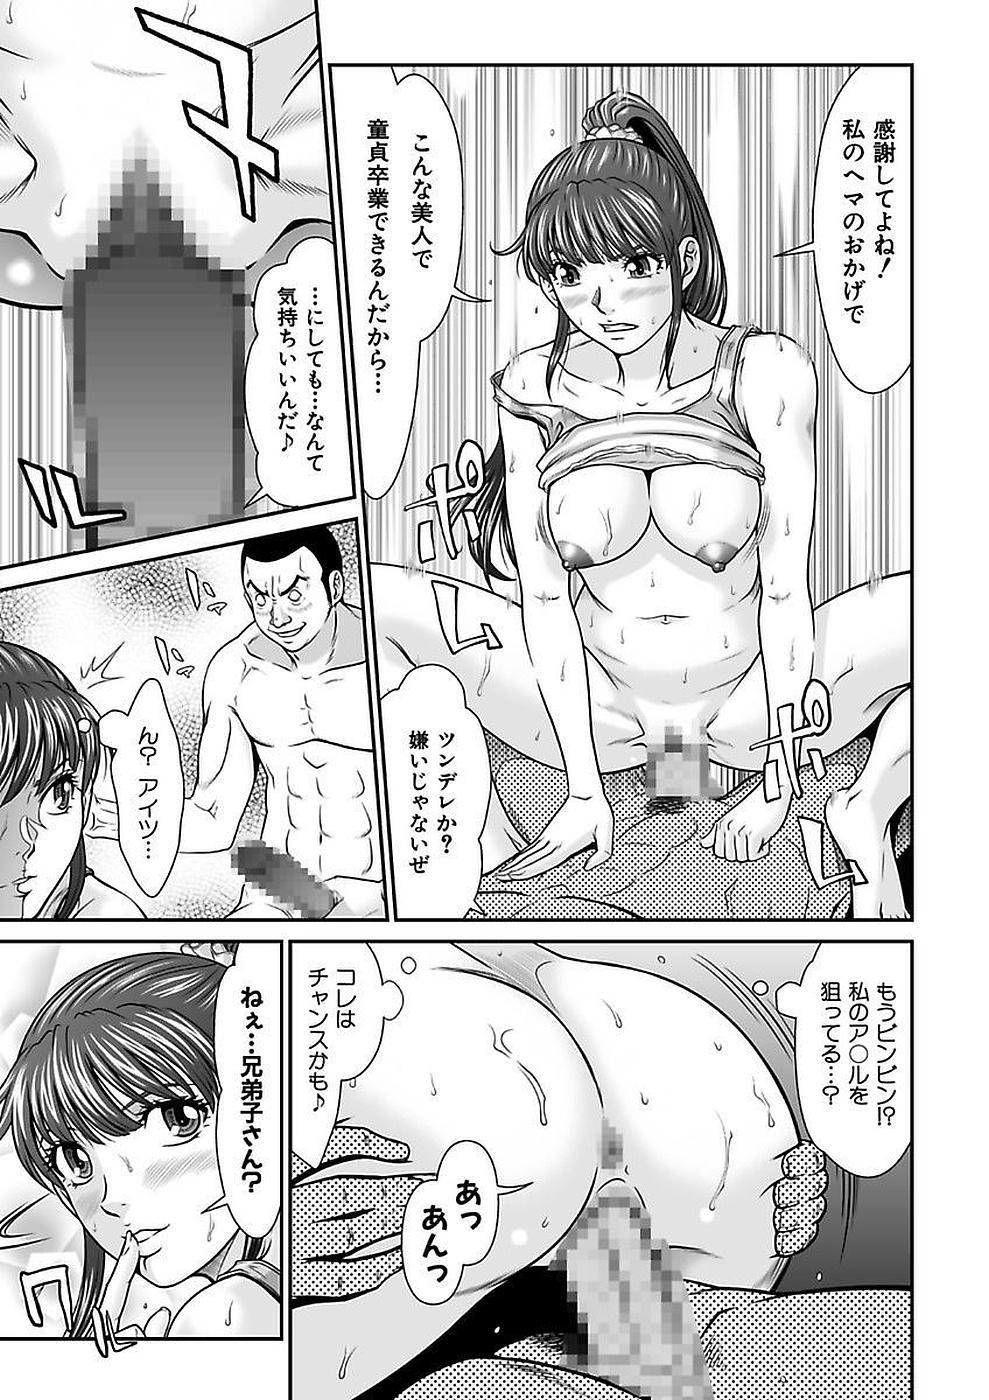 [Kurono Masakado] Dengeki Zecchou! Hihoujima ~Chikyuu no Oku ni Sasowarete~ Joukan 52